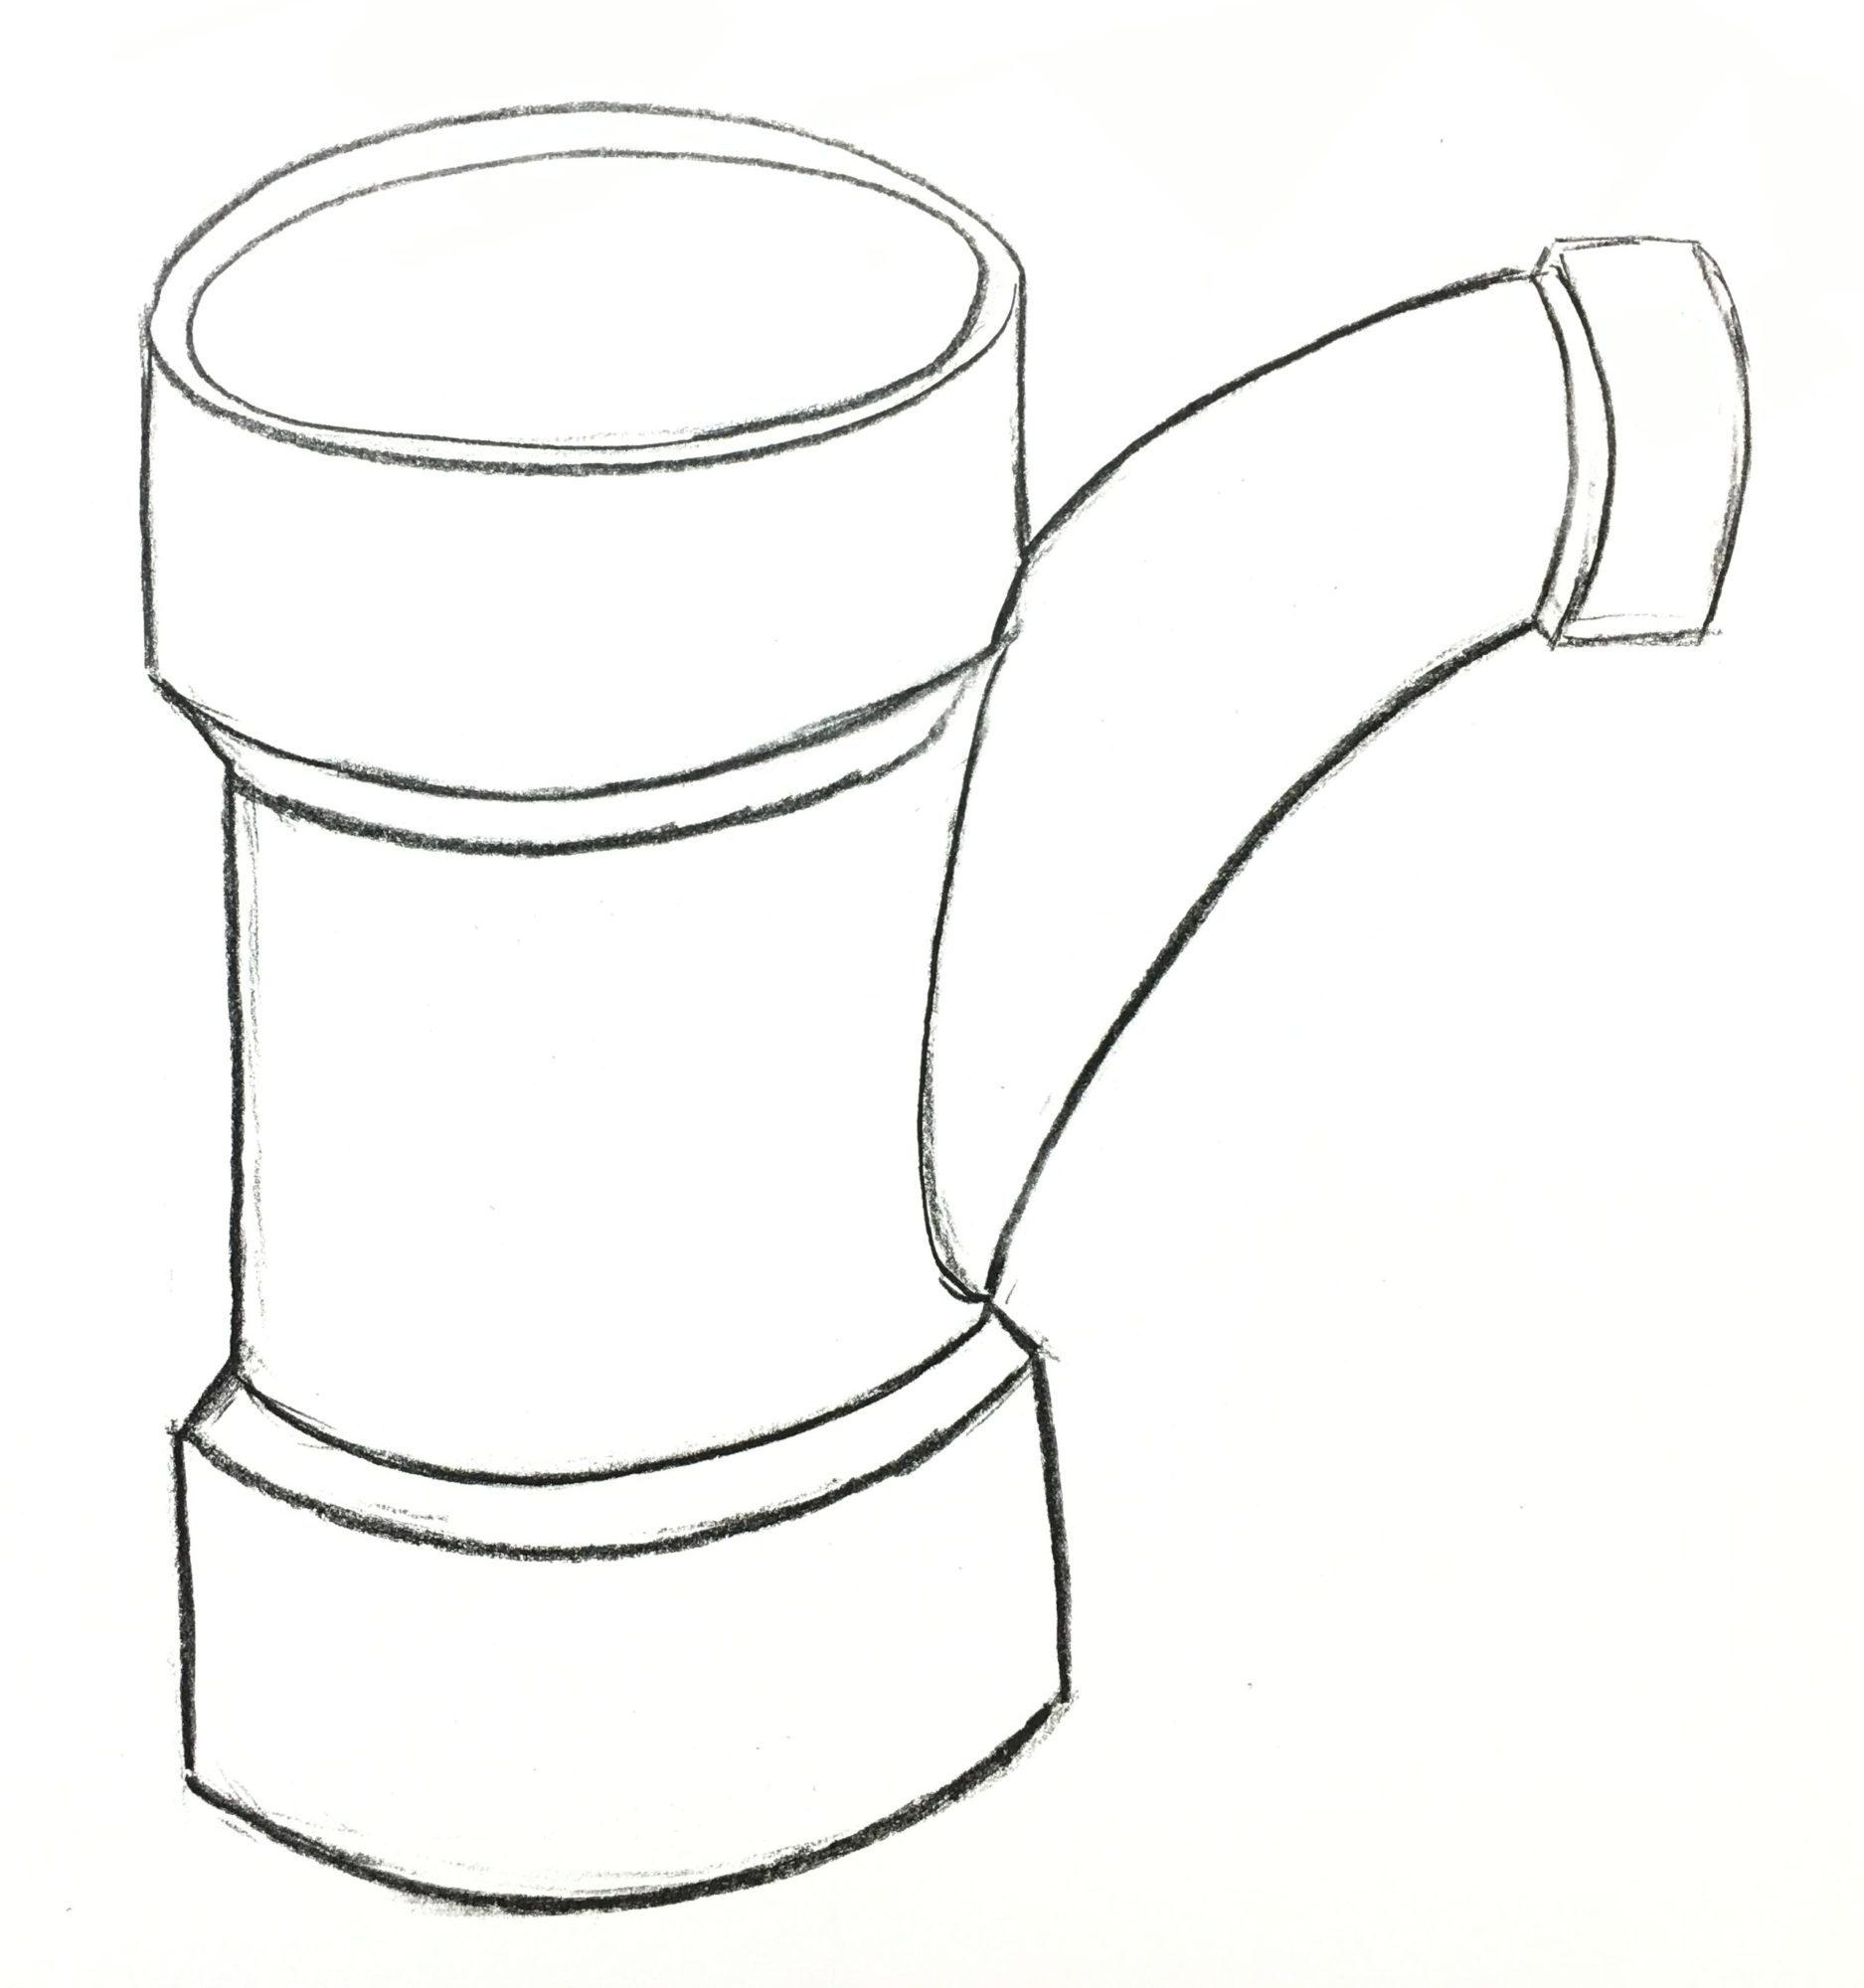 Steel Pipe Drawing At Getdrawings